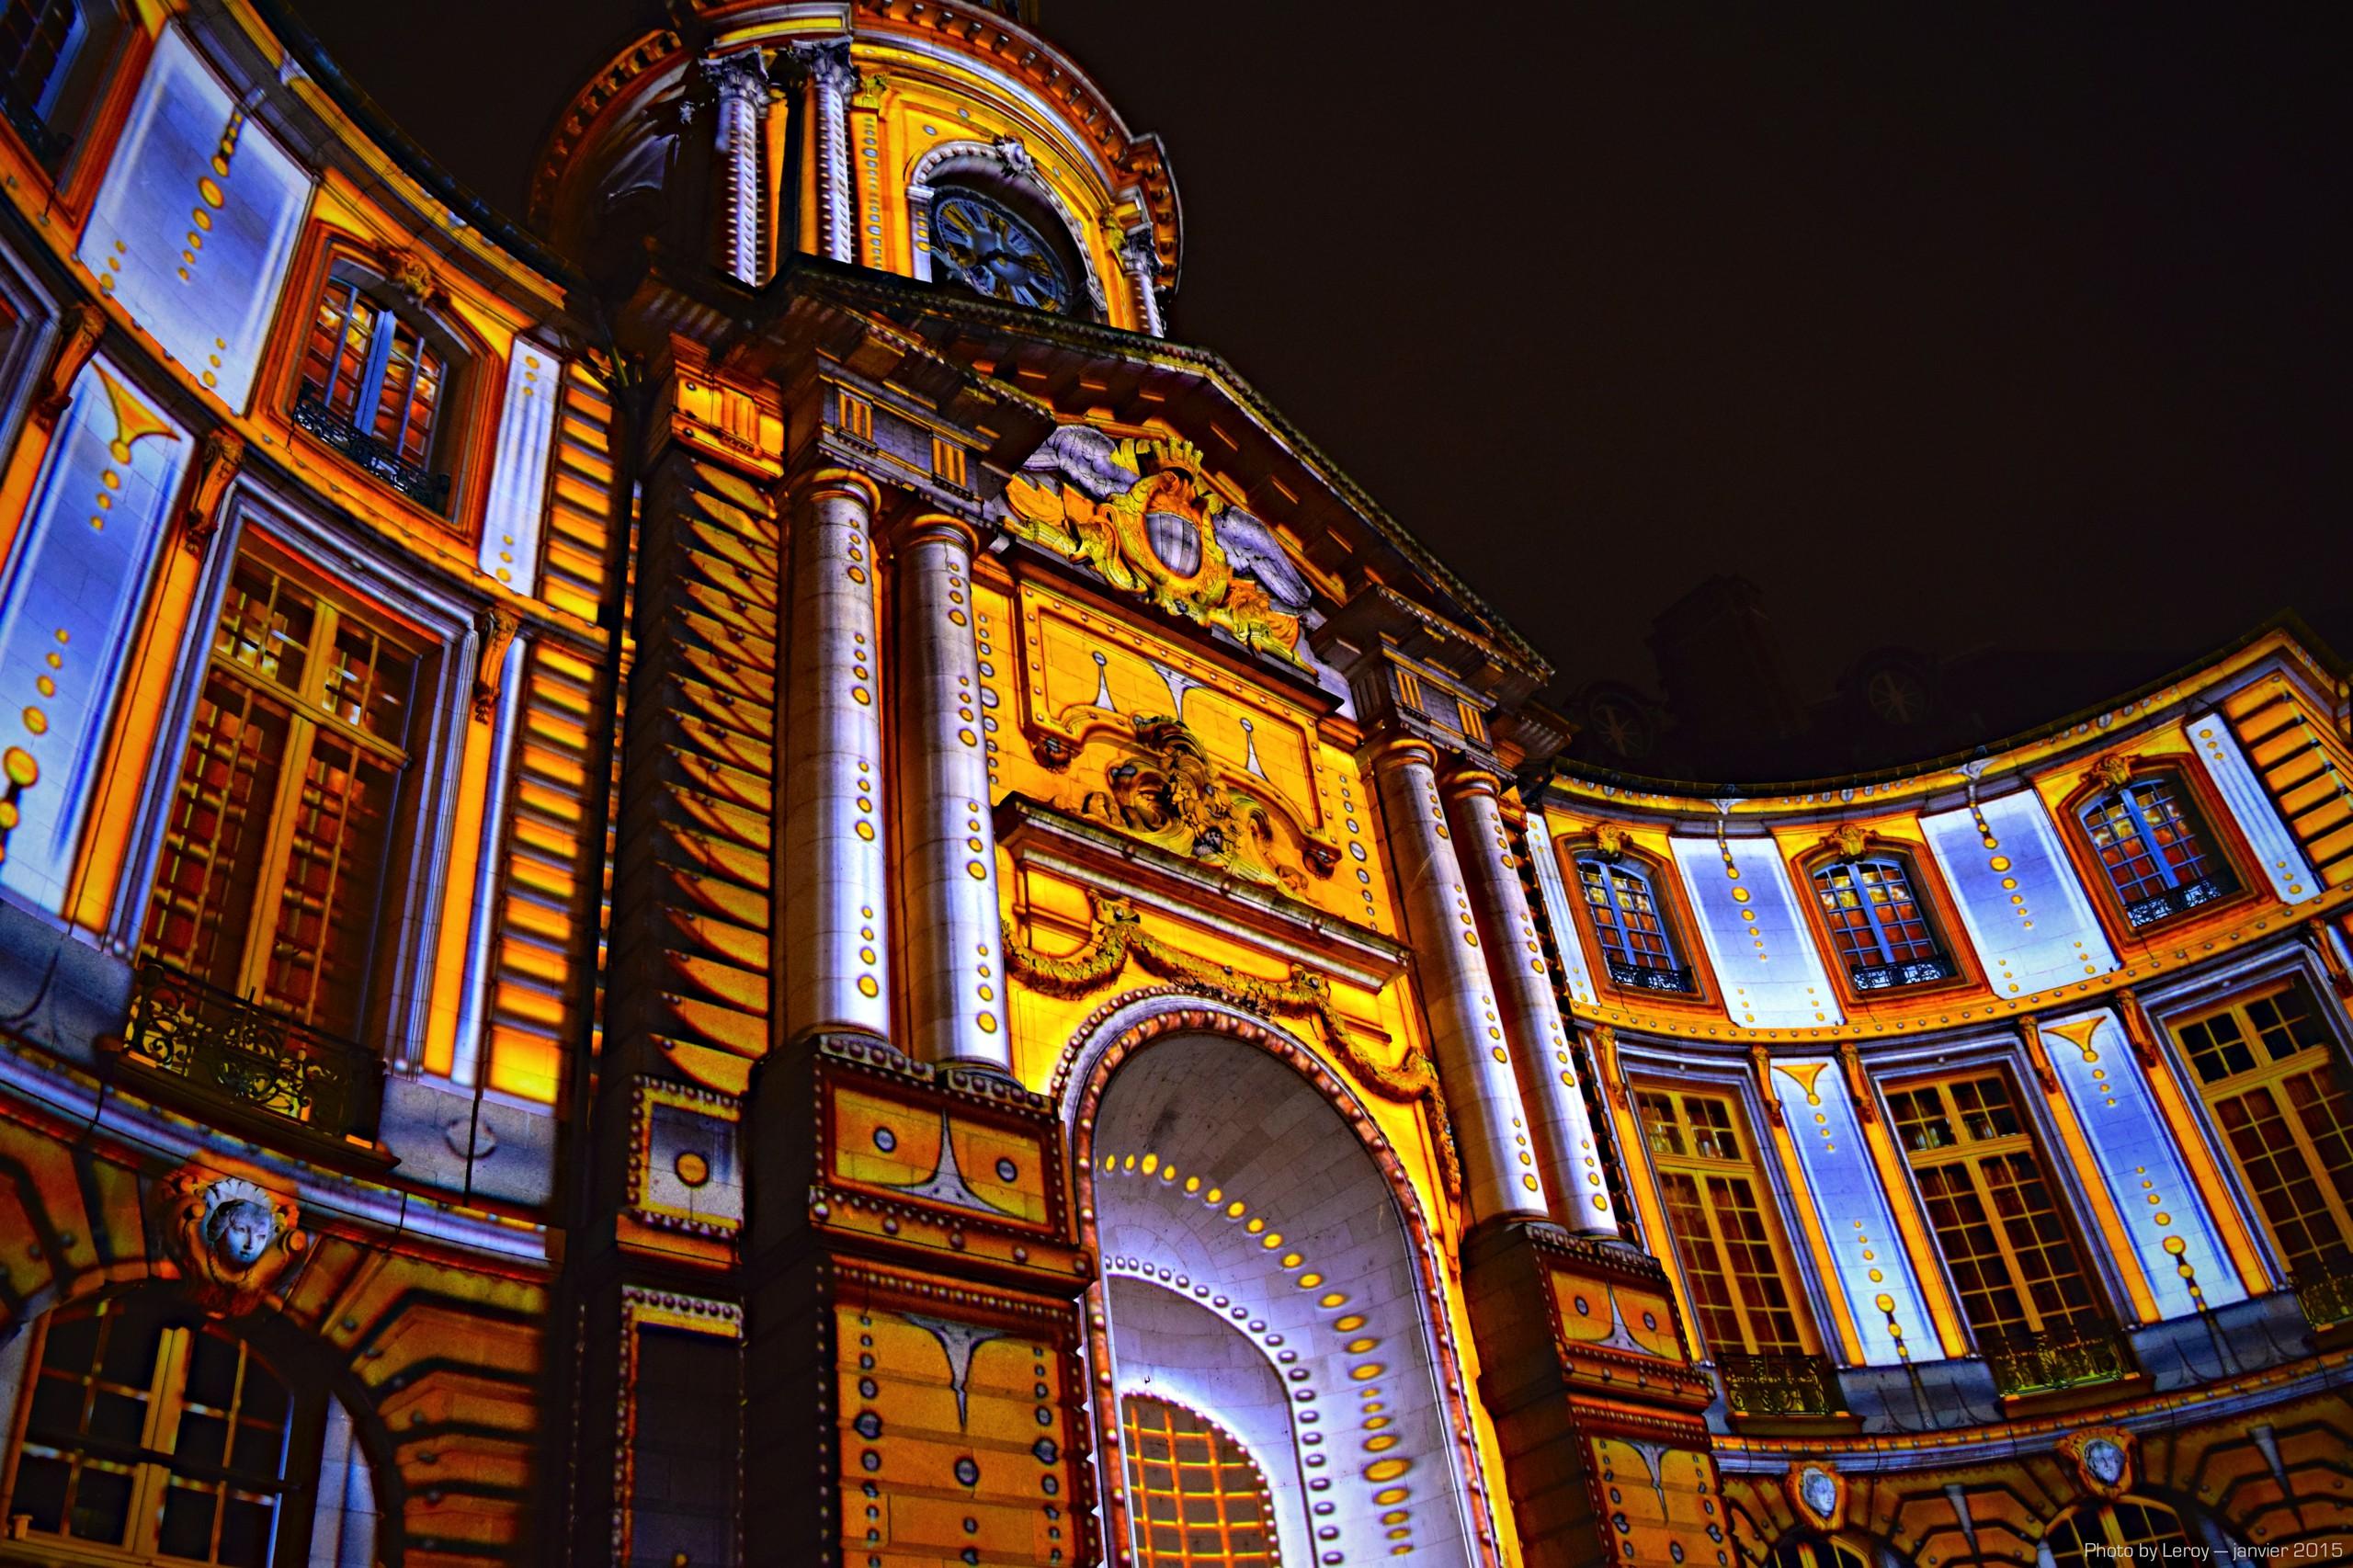 Les_lumières_de_la_ville_04.jpg